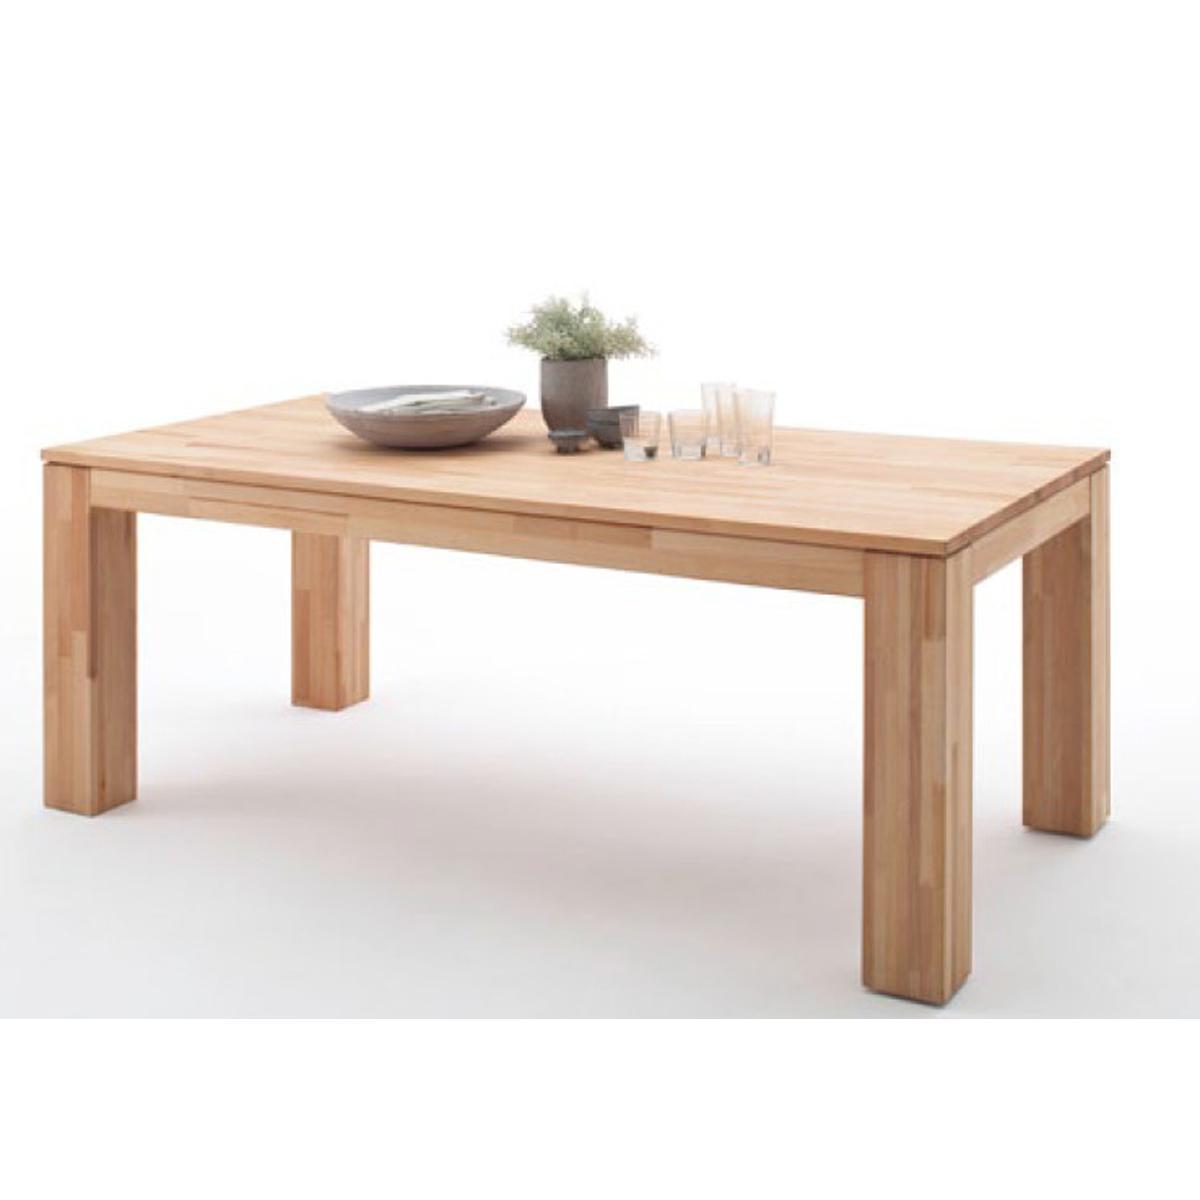 Pegane Table de salle à manger extensible en hêtre massif huilé - L.200-280 x H.77 x P.100 cm -PEGANE-